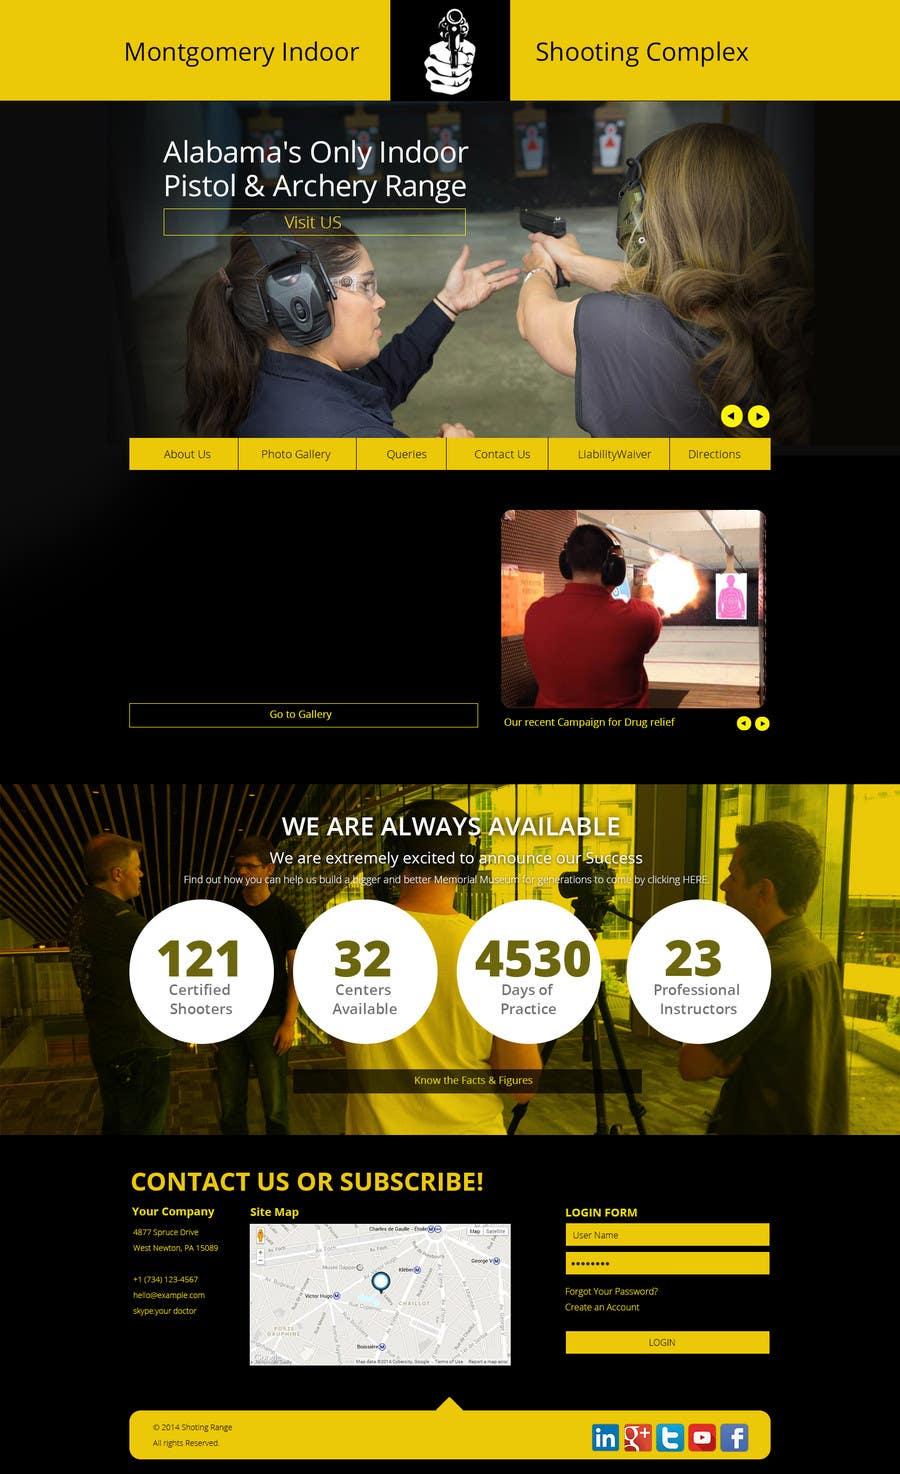 Penyertaan Peraduan #                                        17                                      untuk                                         Design a Website Mockup for Shooting Range